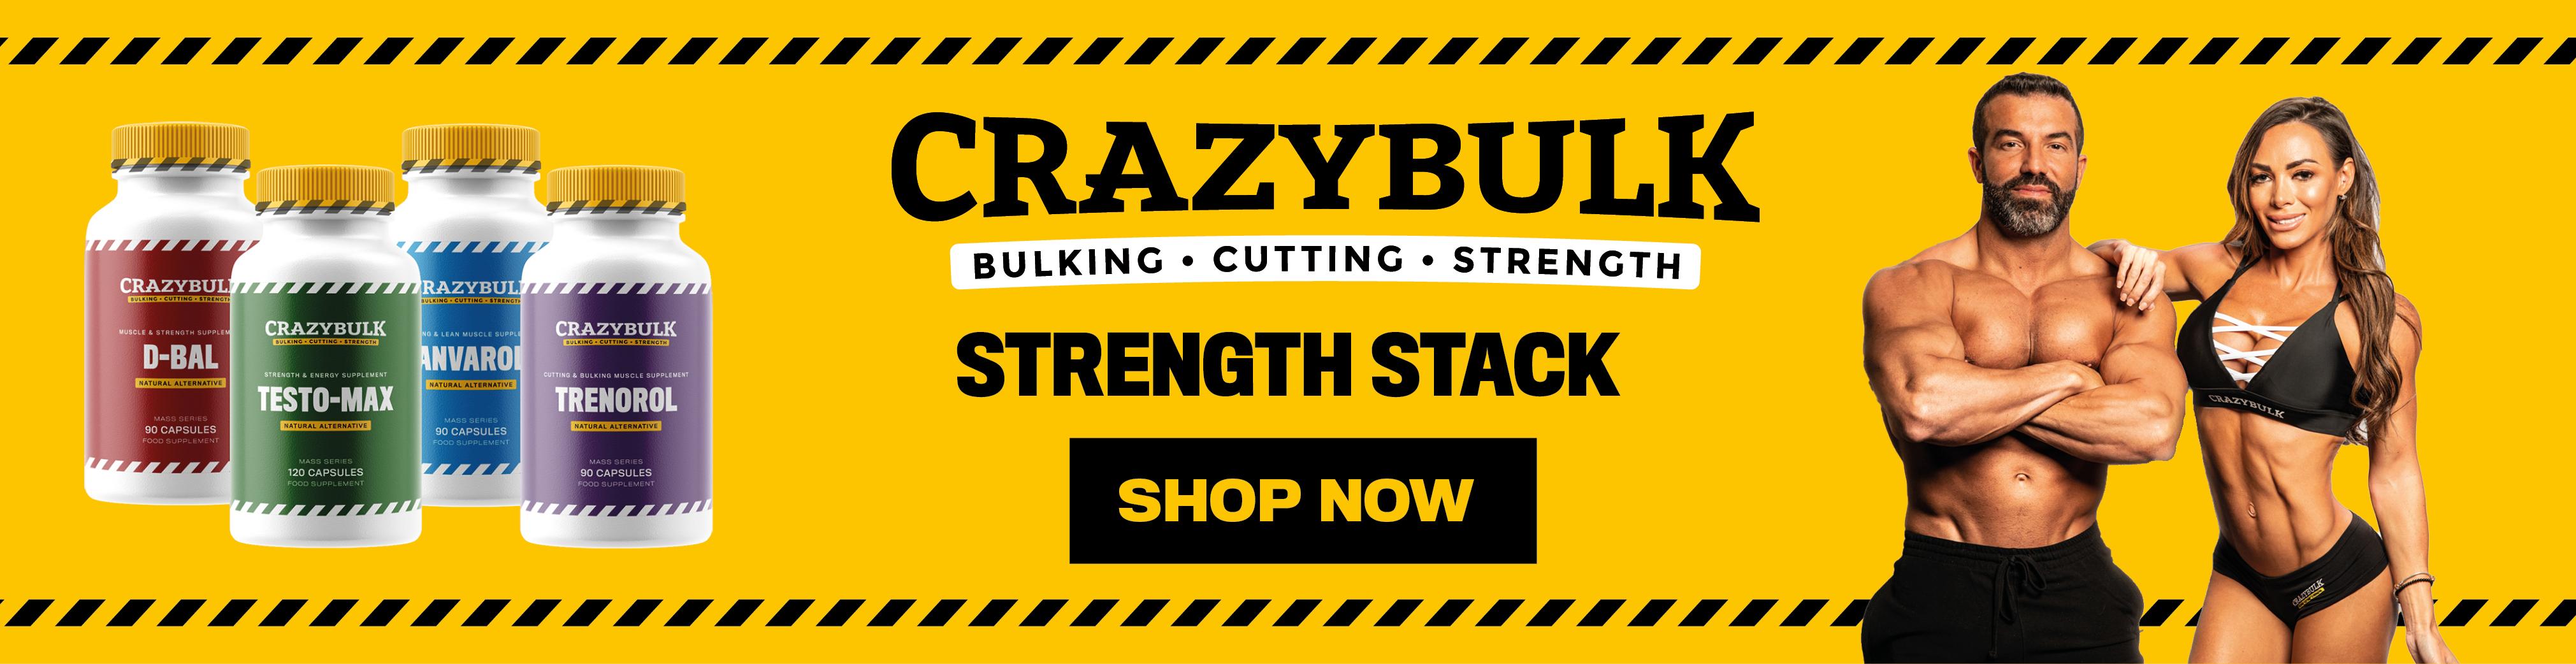 steroid regimen bodybuilding methenolone acetate, nur dianabol kur – profil  – netzwerk konkrete solidarität forum  netzwerk konkrete solidarität